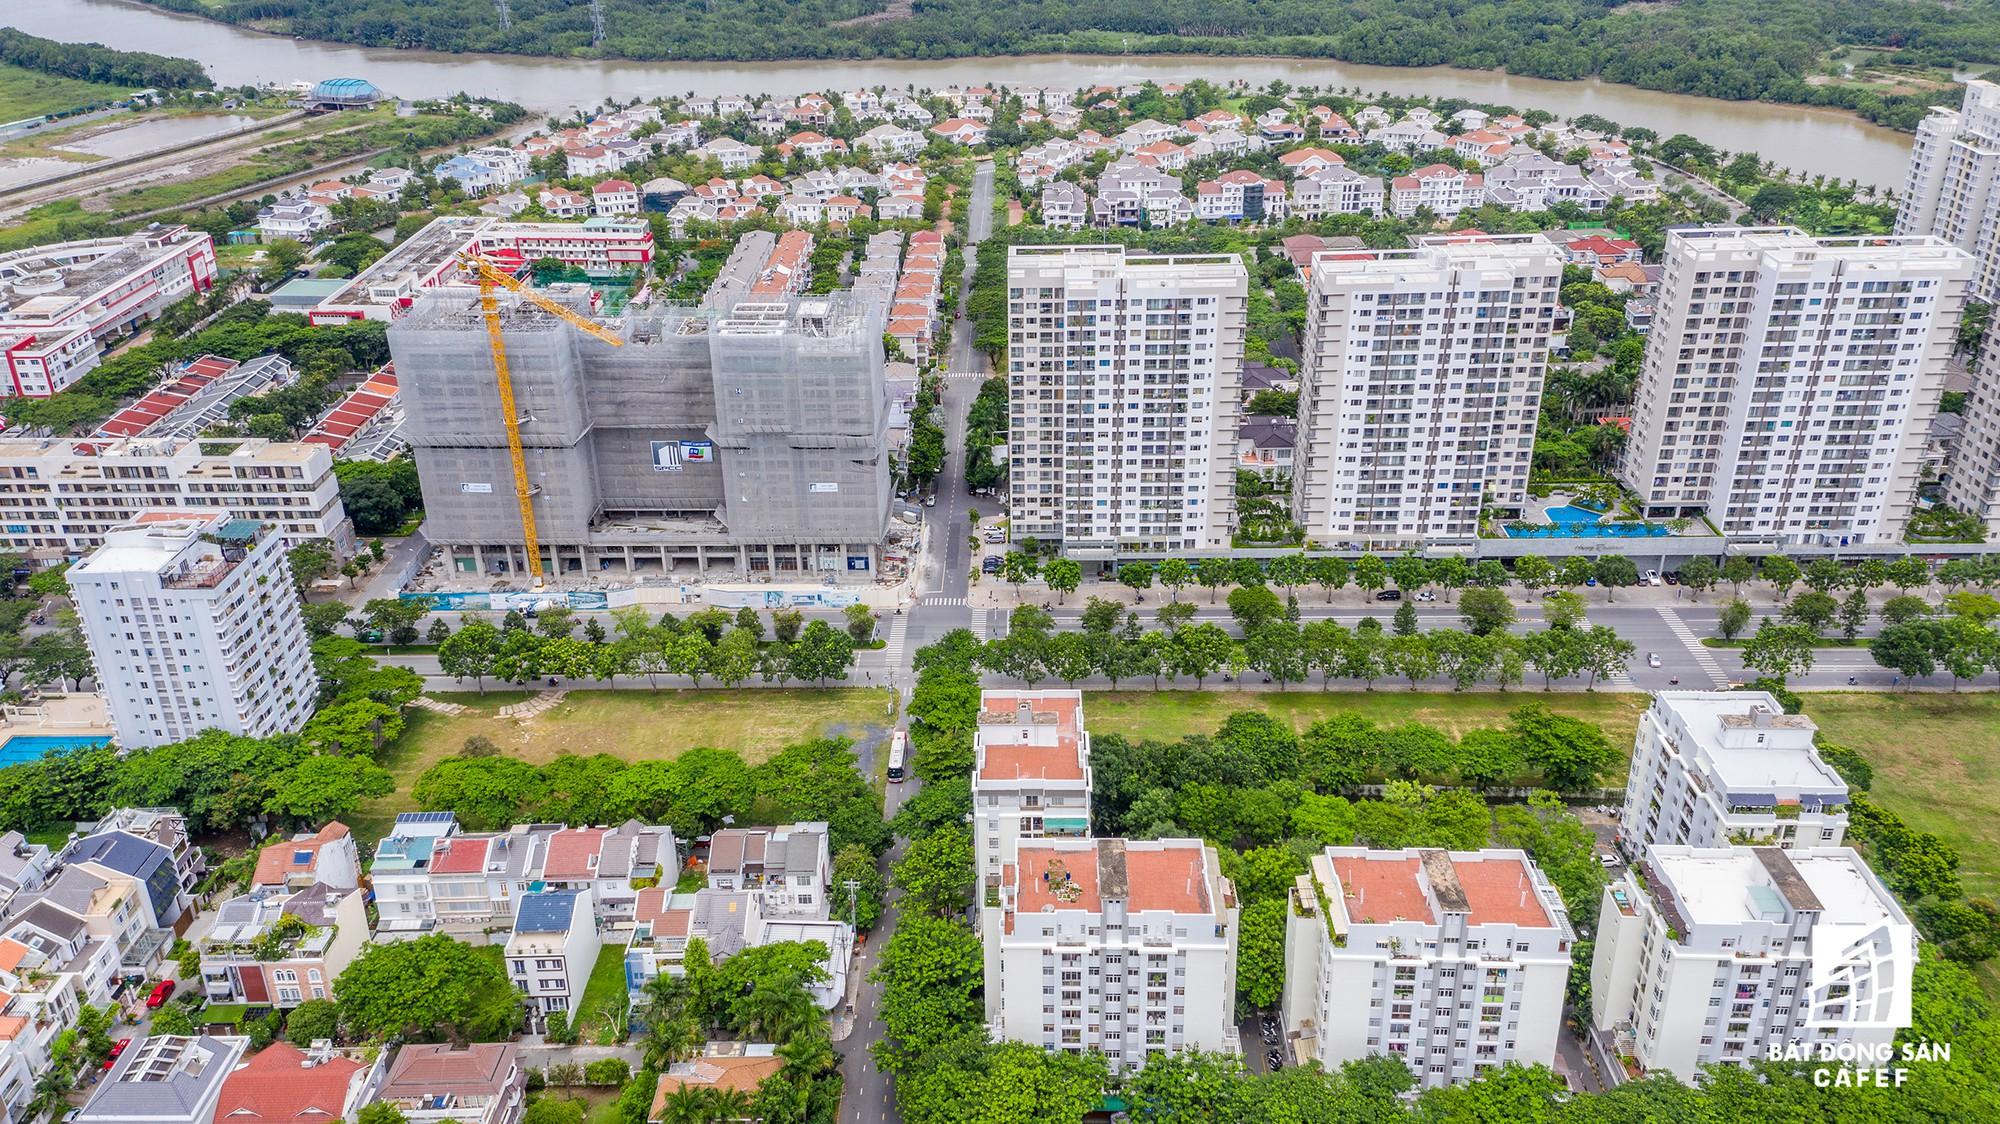 Cho phép xây nhà 25m2: Giải pháp cho nhà giá rẻ hay lo ngại thành khu ổ chuột?